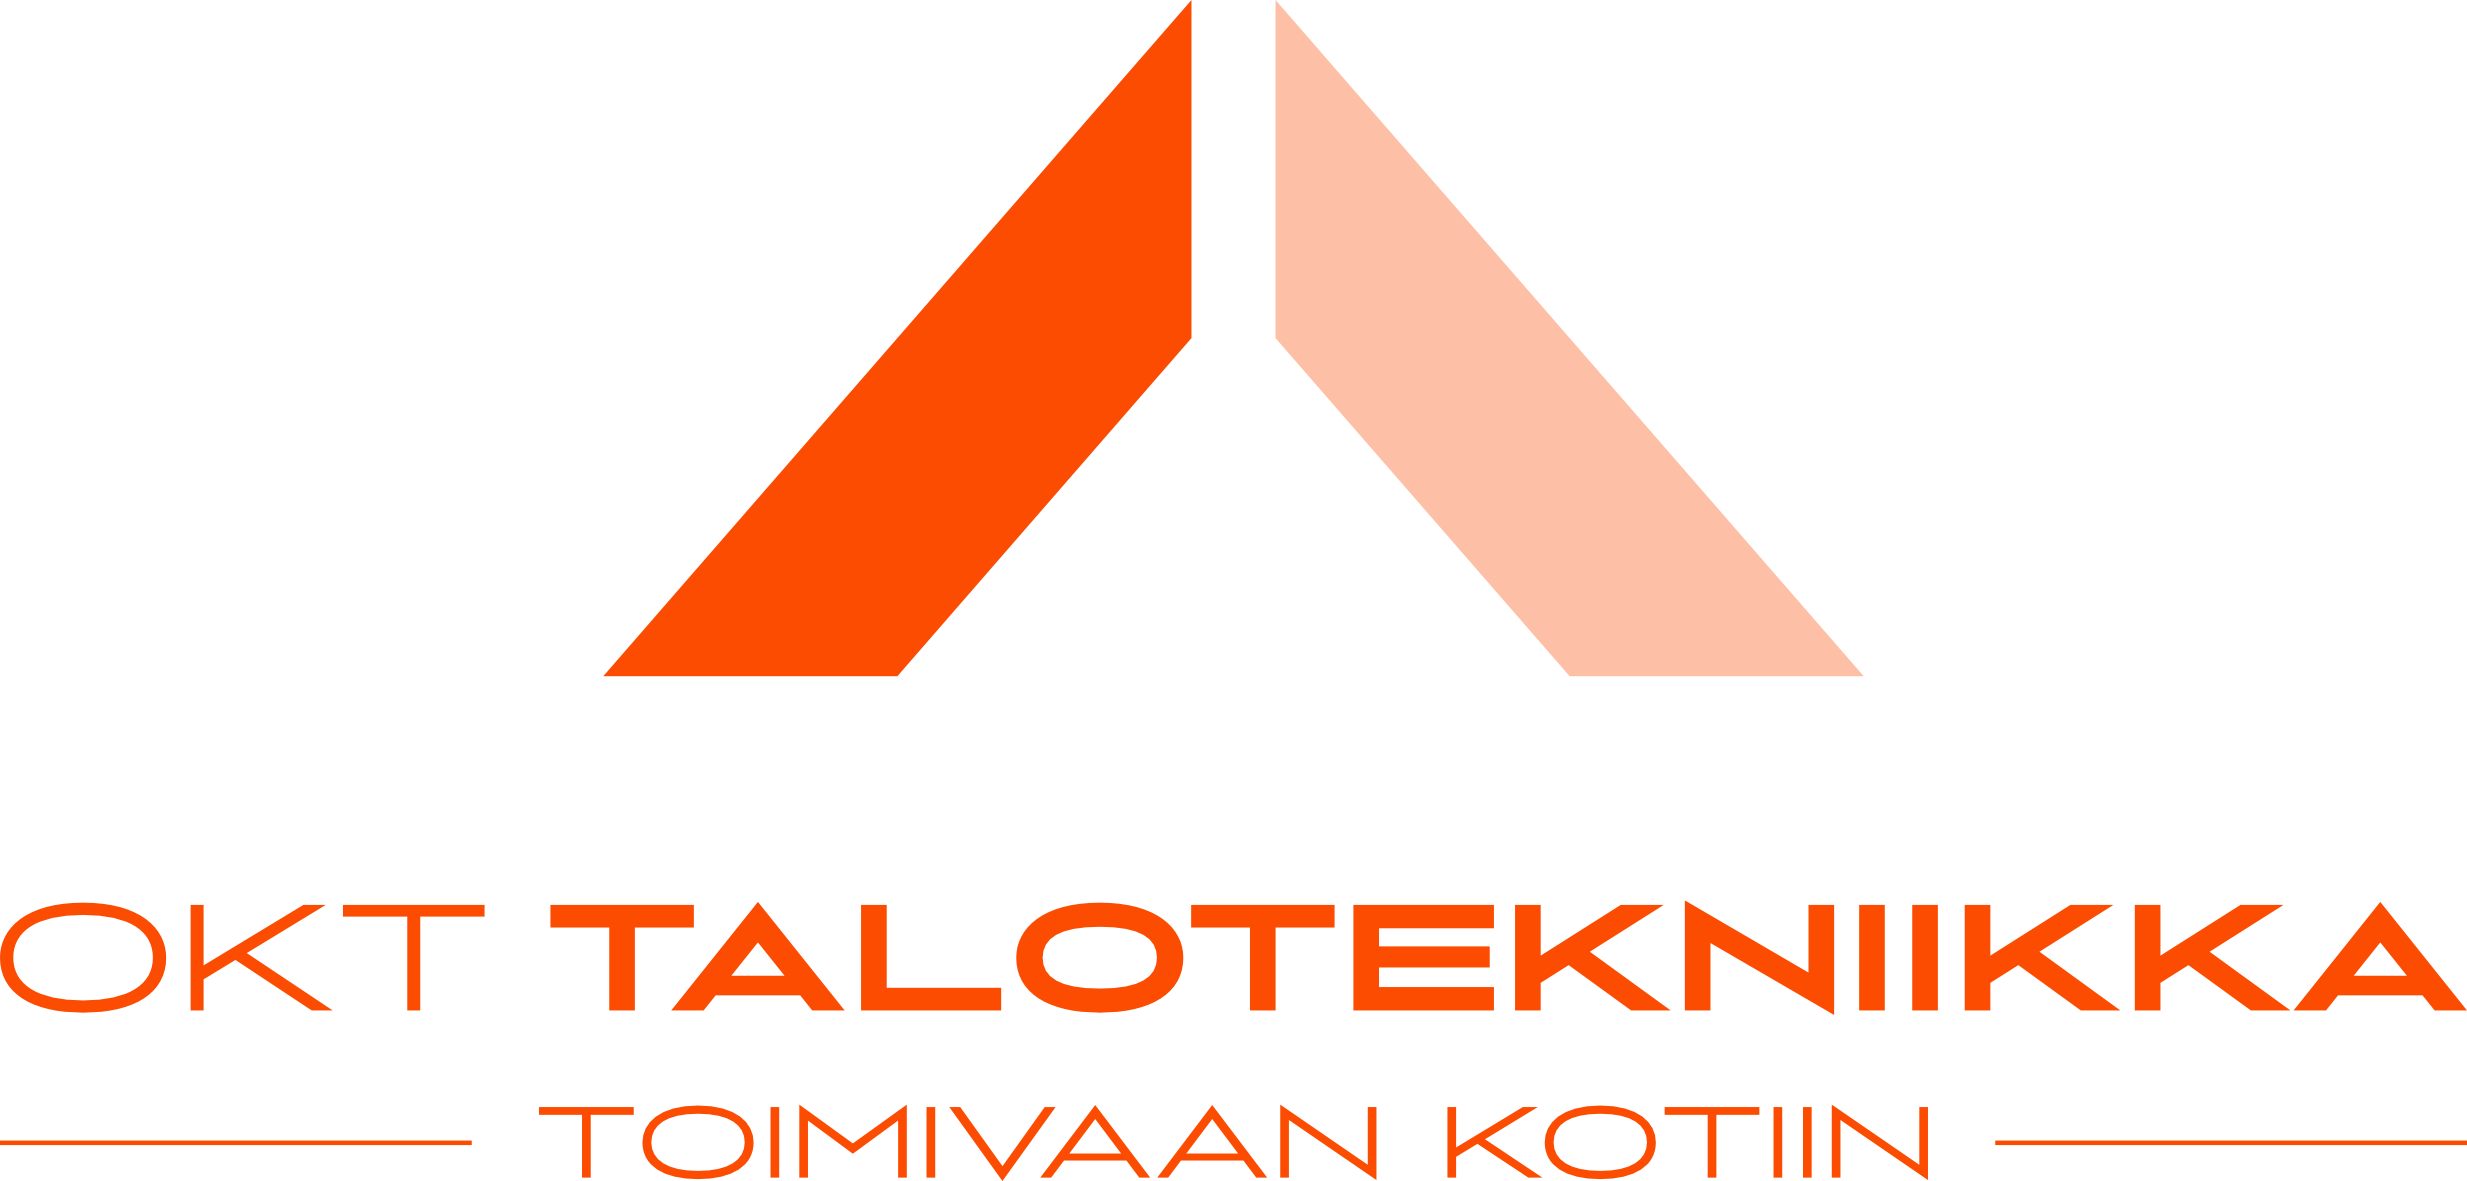 OKT Talotekniikka Oy, LVIS-suunnitelmat, LVIS-urakointi